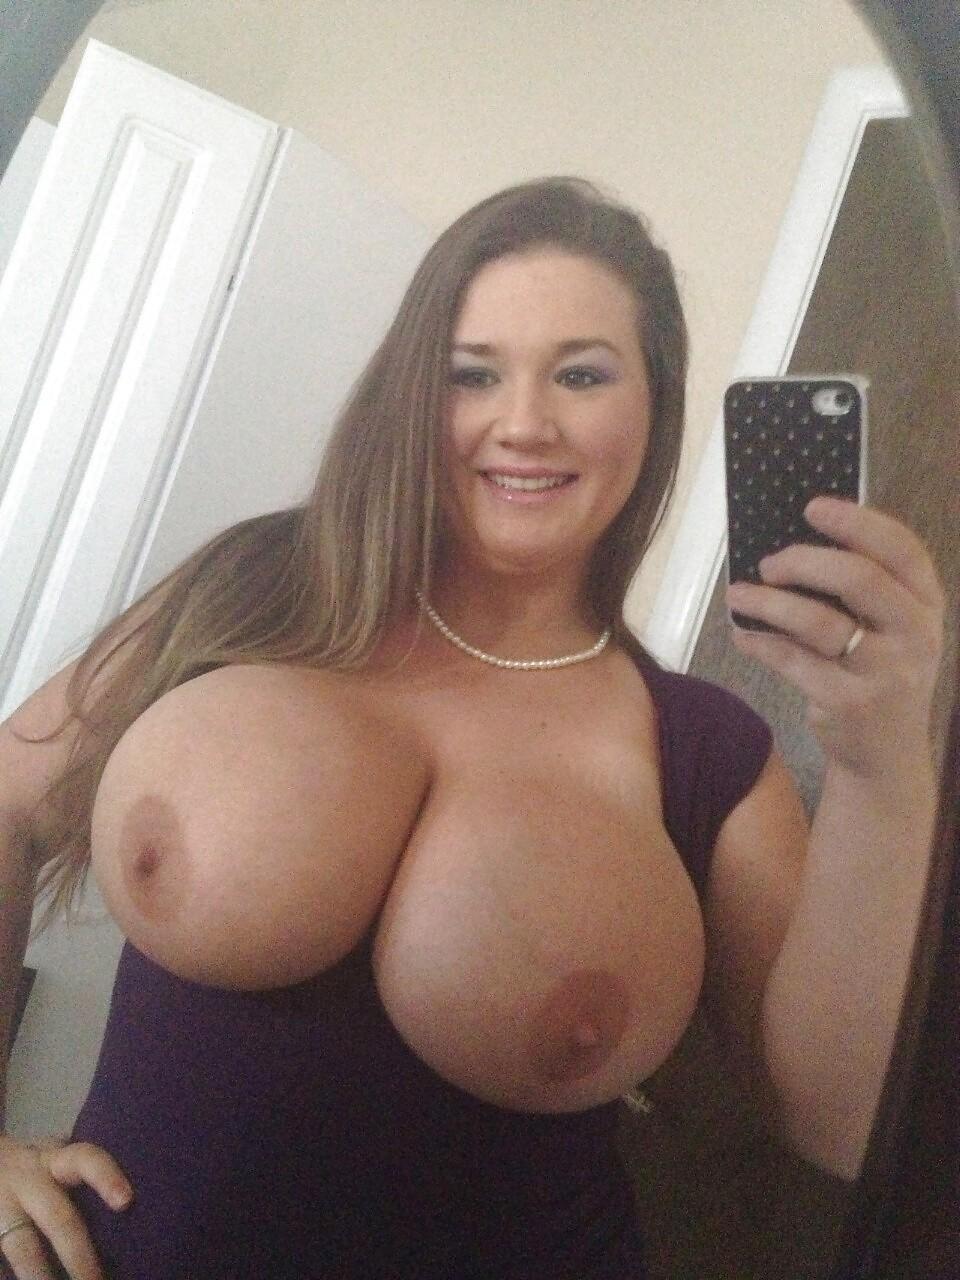 Je cherche uniquement des fille nue sur webcam